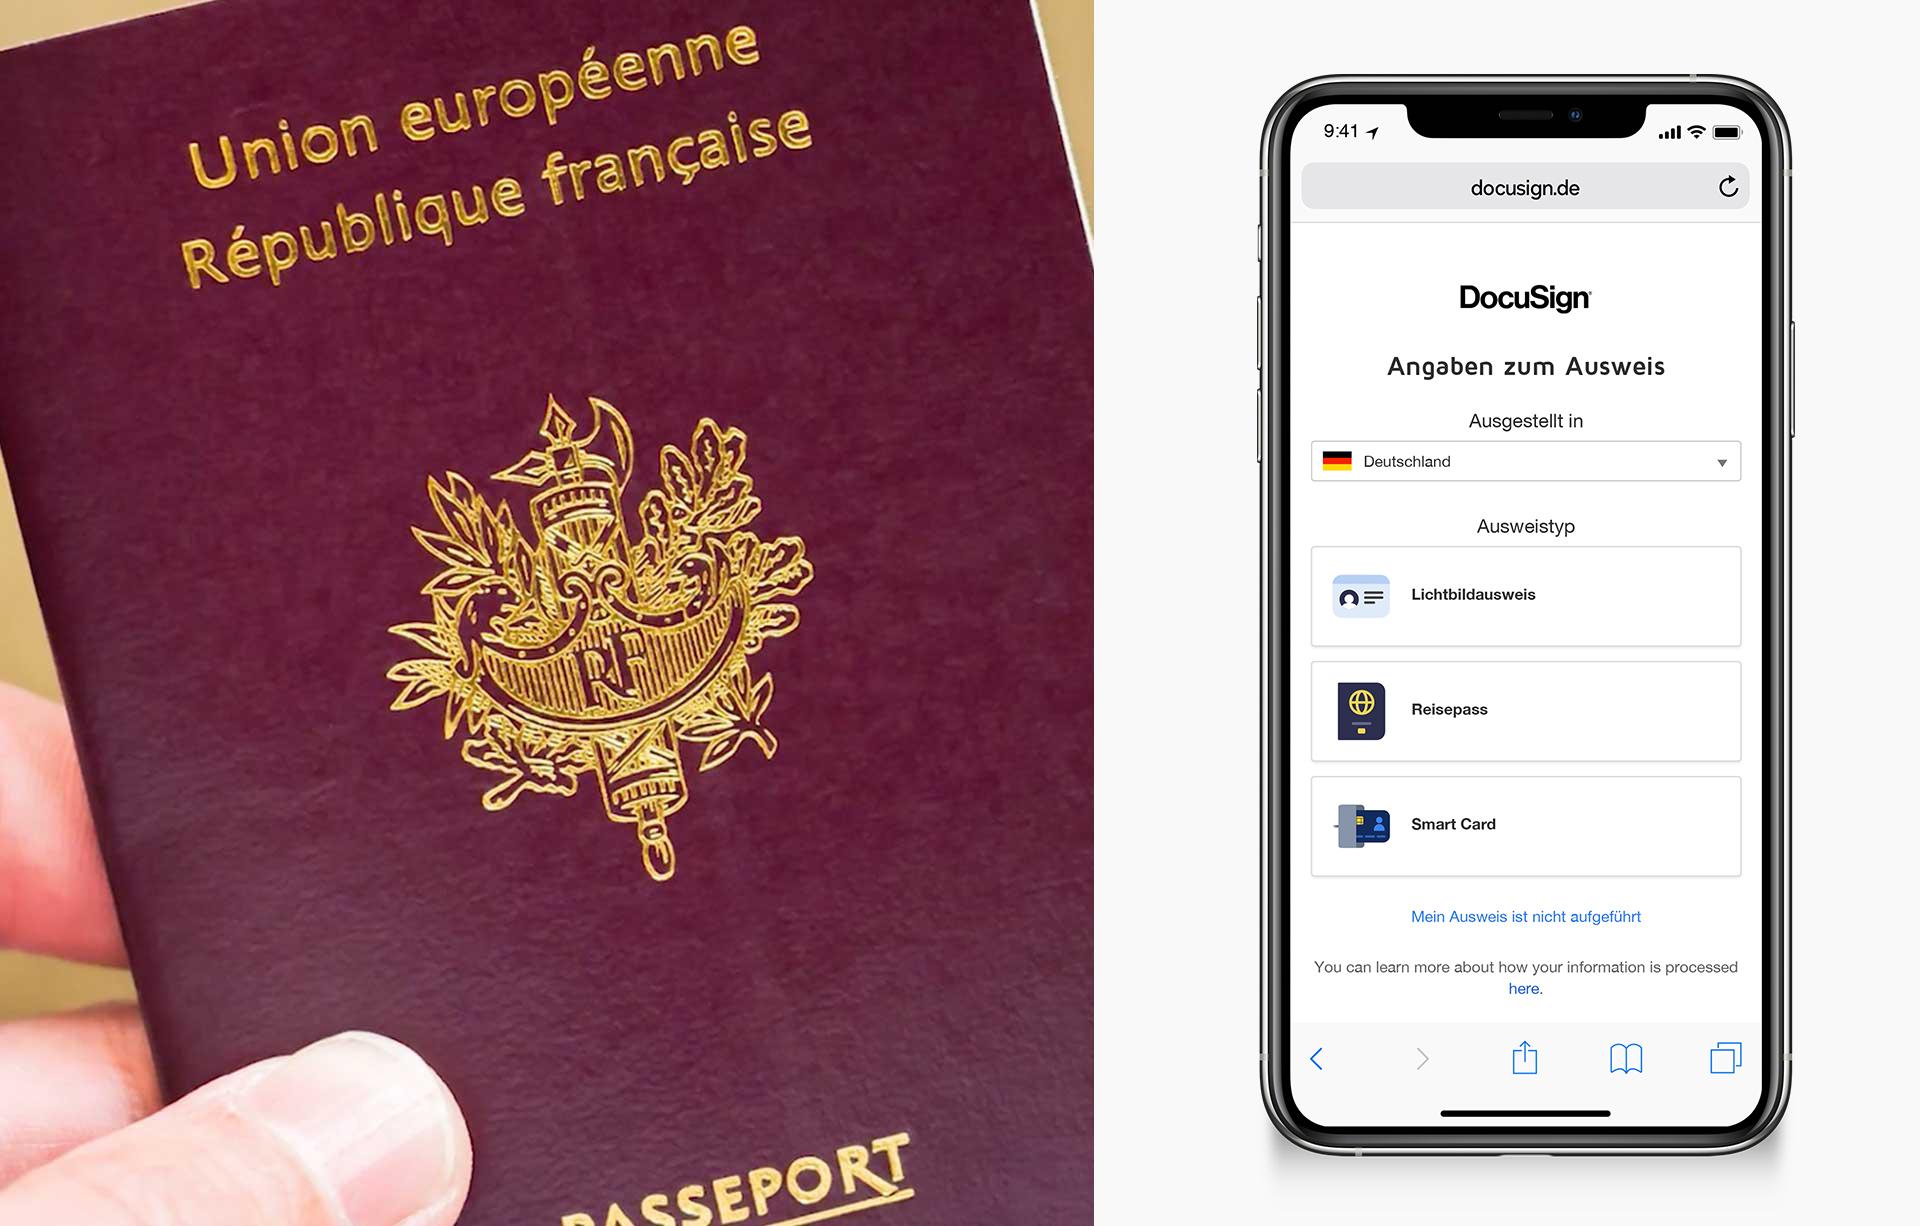 """Ein geteiltes Bild, das links einen Reisepass in einer Hand zeigt und rechts ein Telefon mit der Aufforderung """"Zeigen Sie uns Ihren Ausweis""""."""